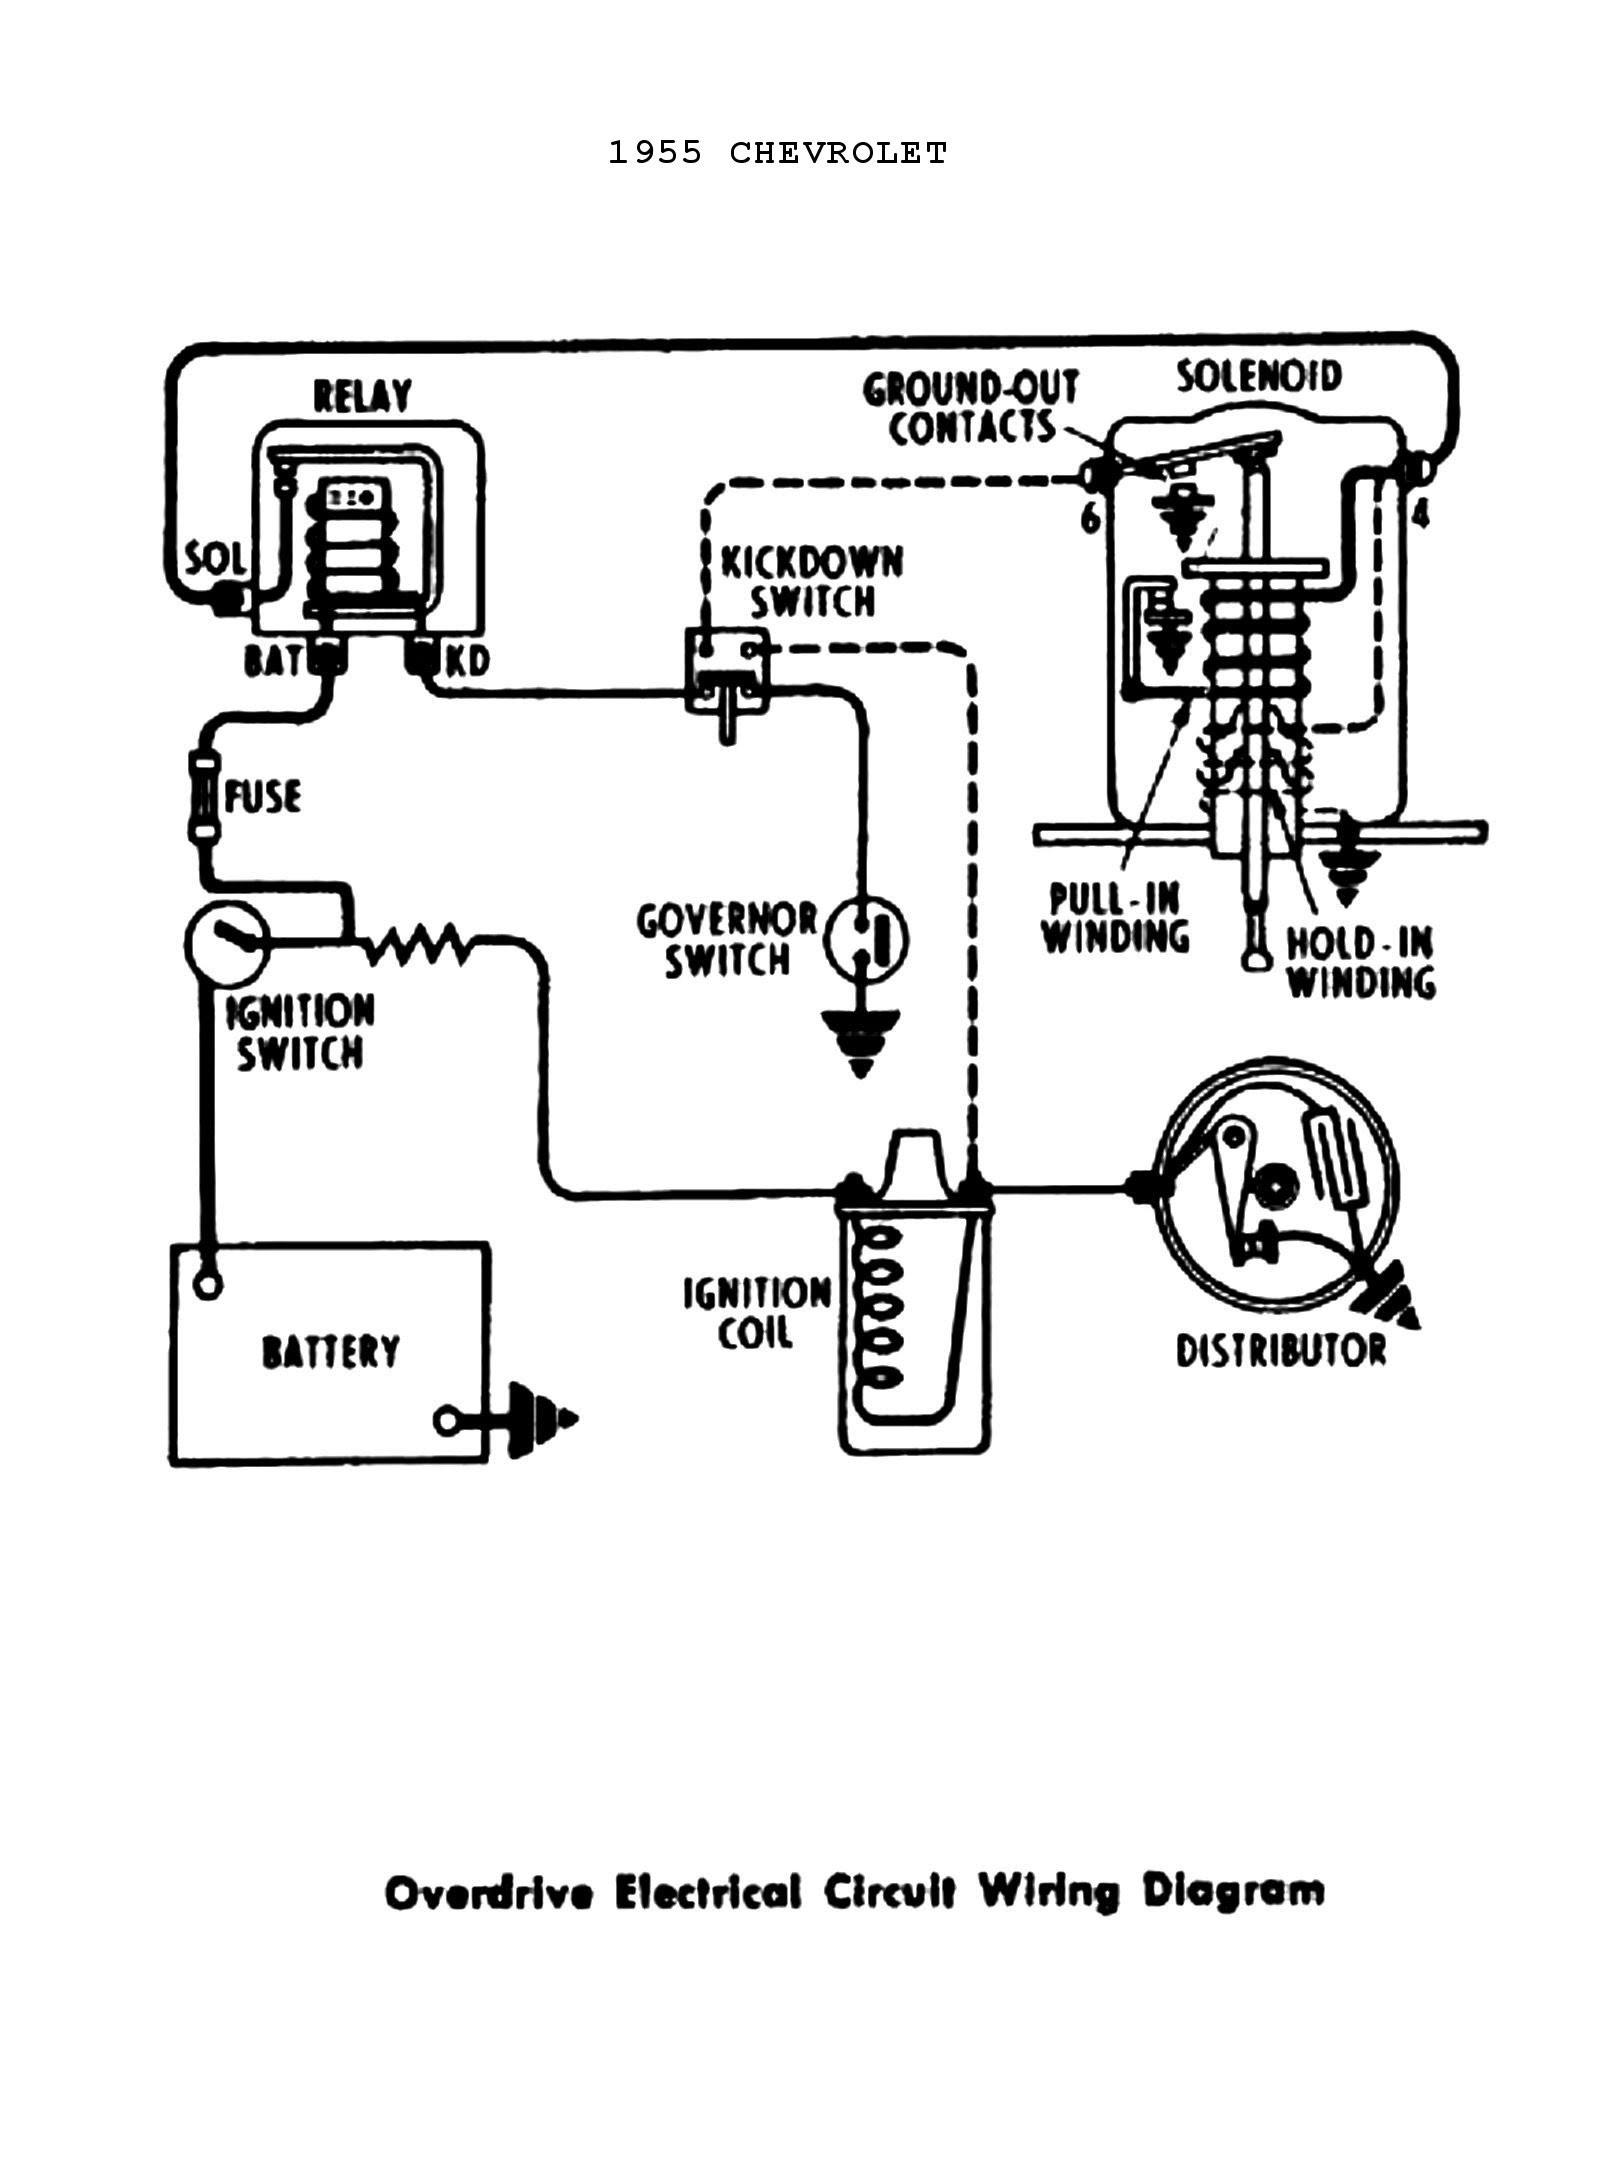 5576 1985 Chevy 305 Vacuum Diagram Wiring Schematic Wiring Resources